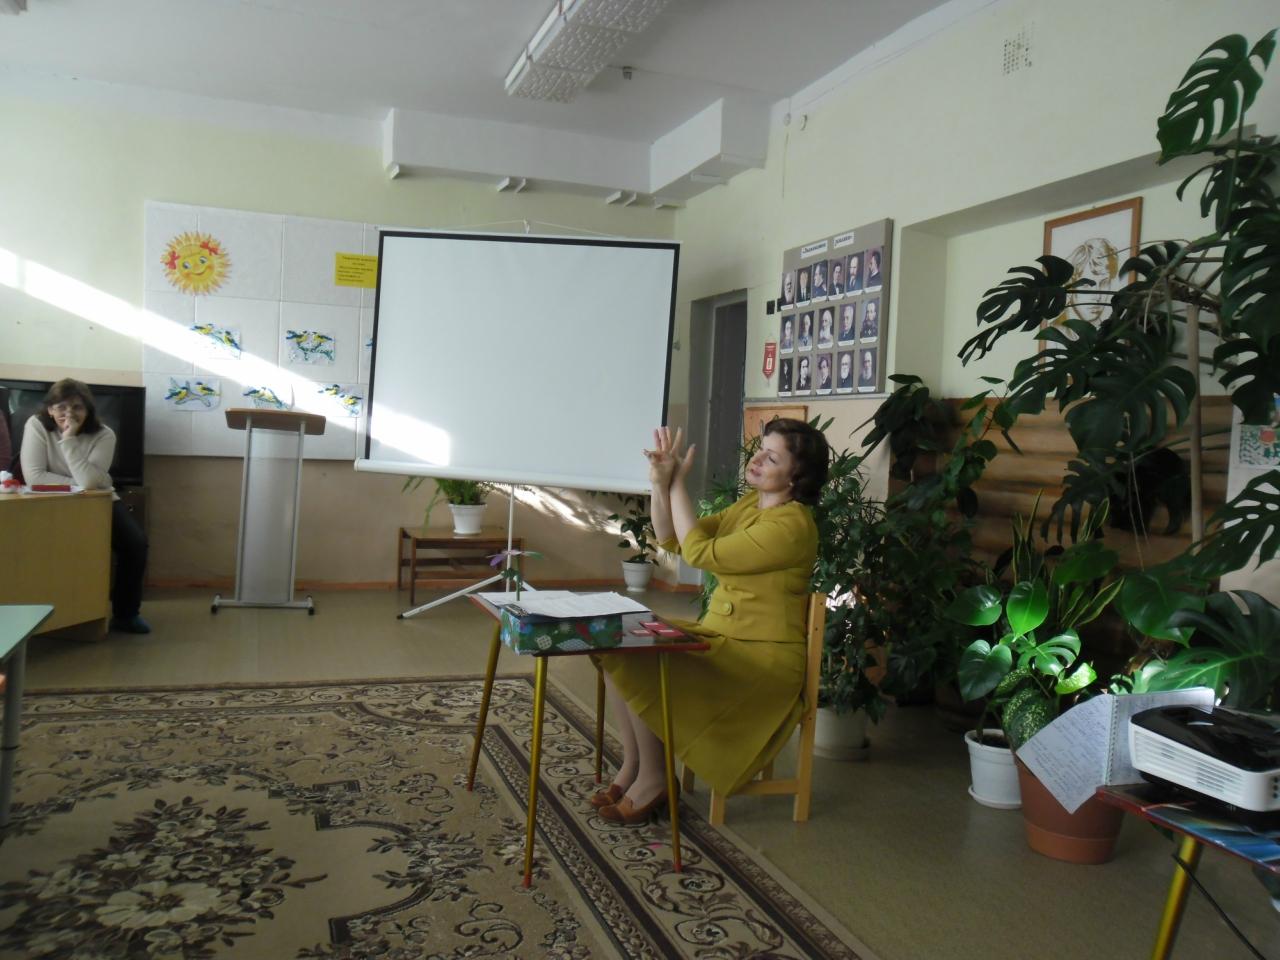 2 марта в Кораблинской школе №2 состоялась торжественная церемония закрытия муниципального этапа всероссийских конкурсов «Учитель года», «Воспитатель года»